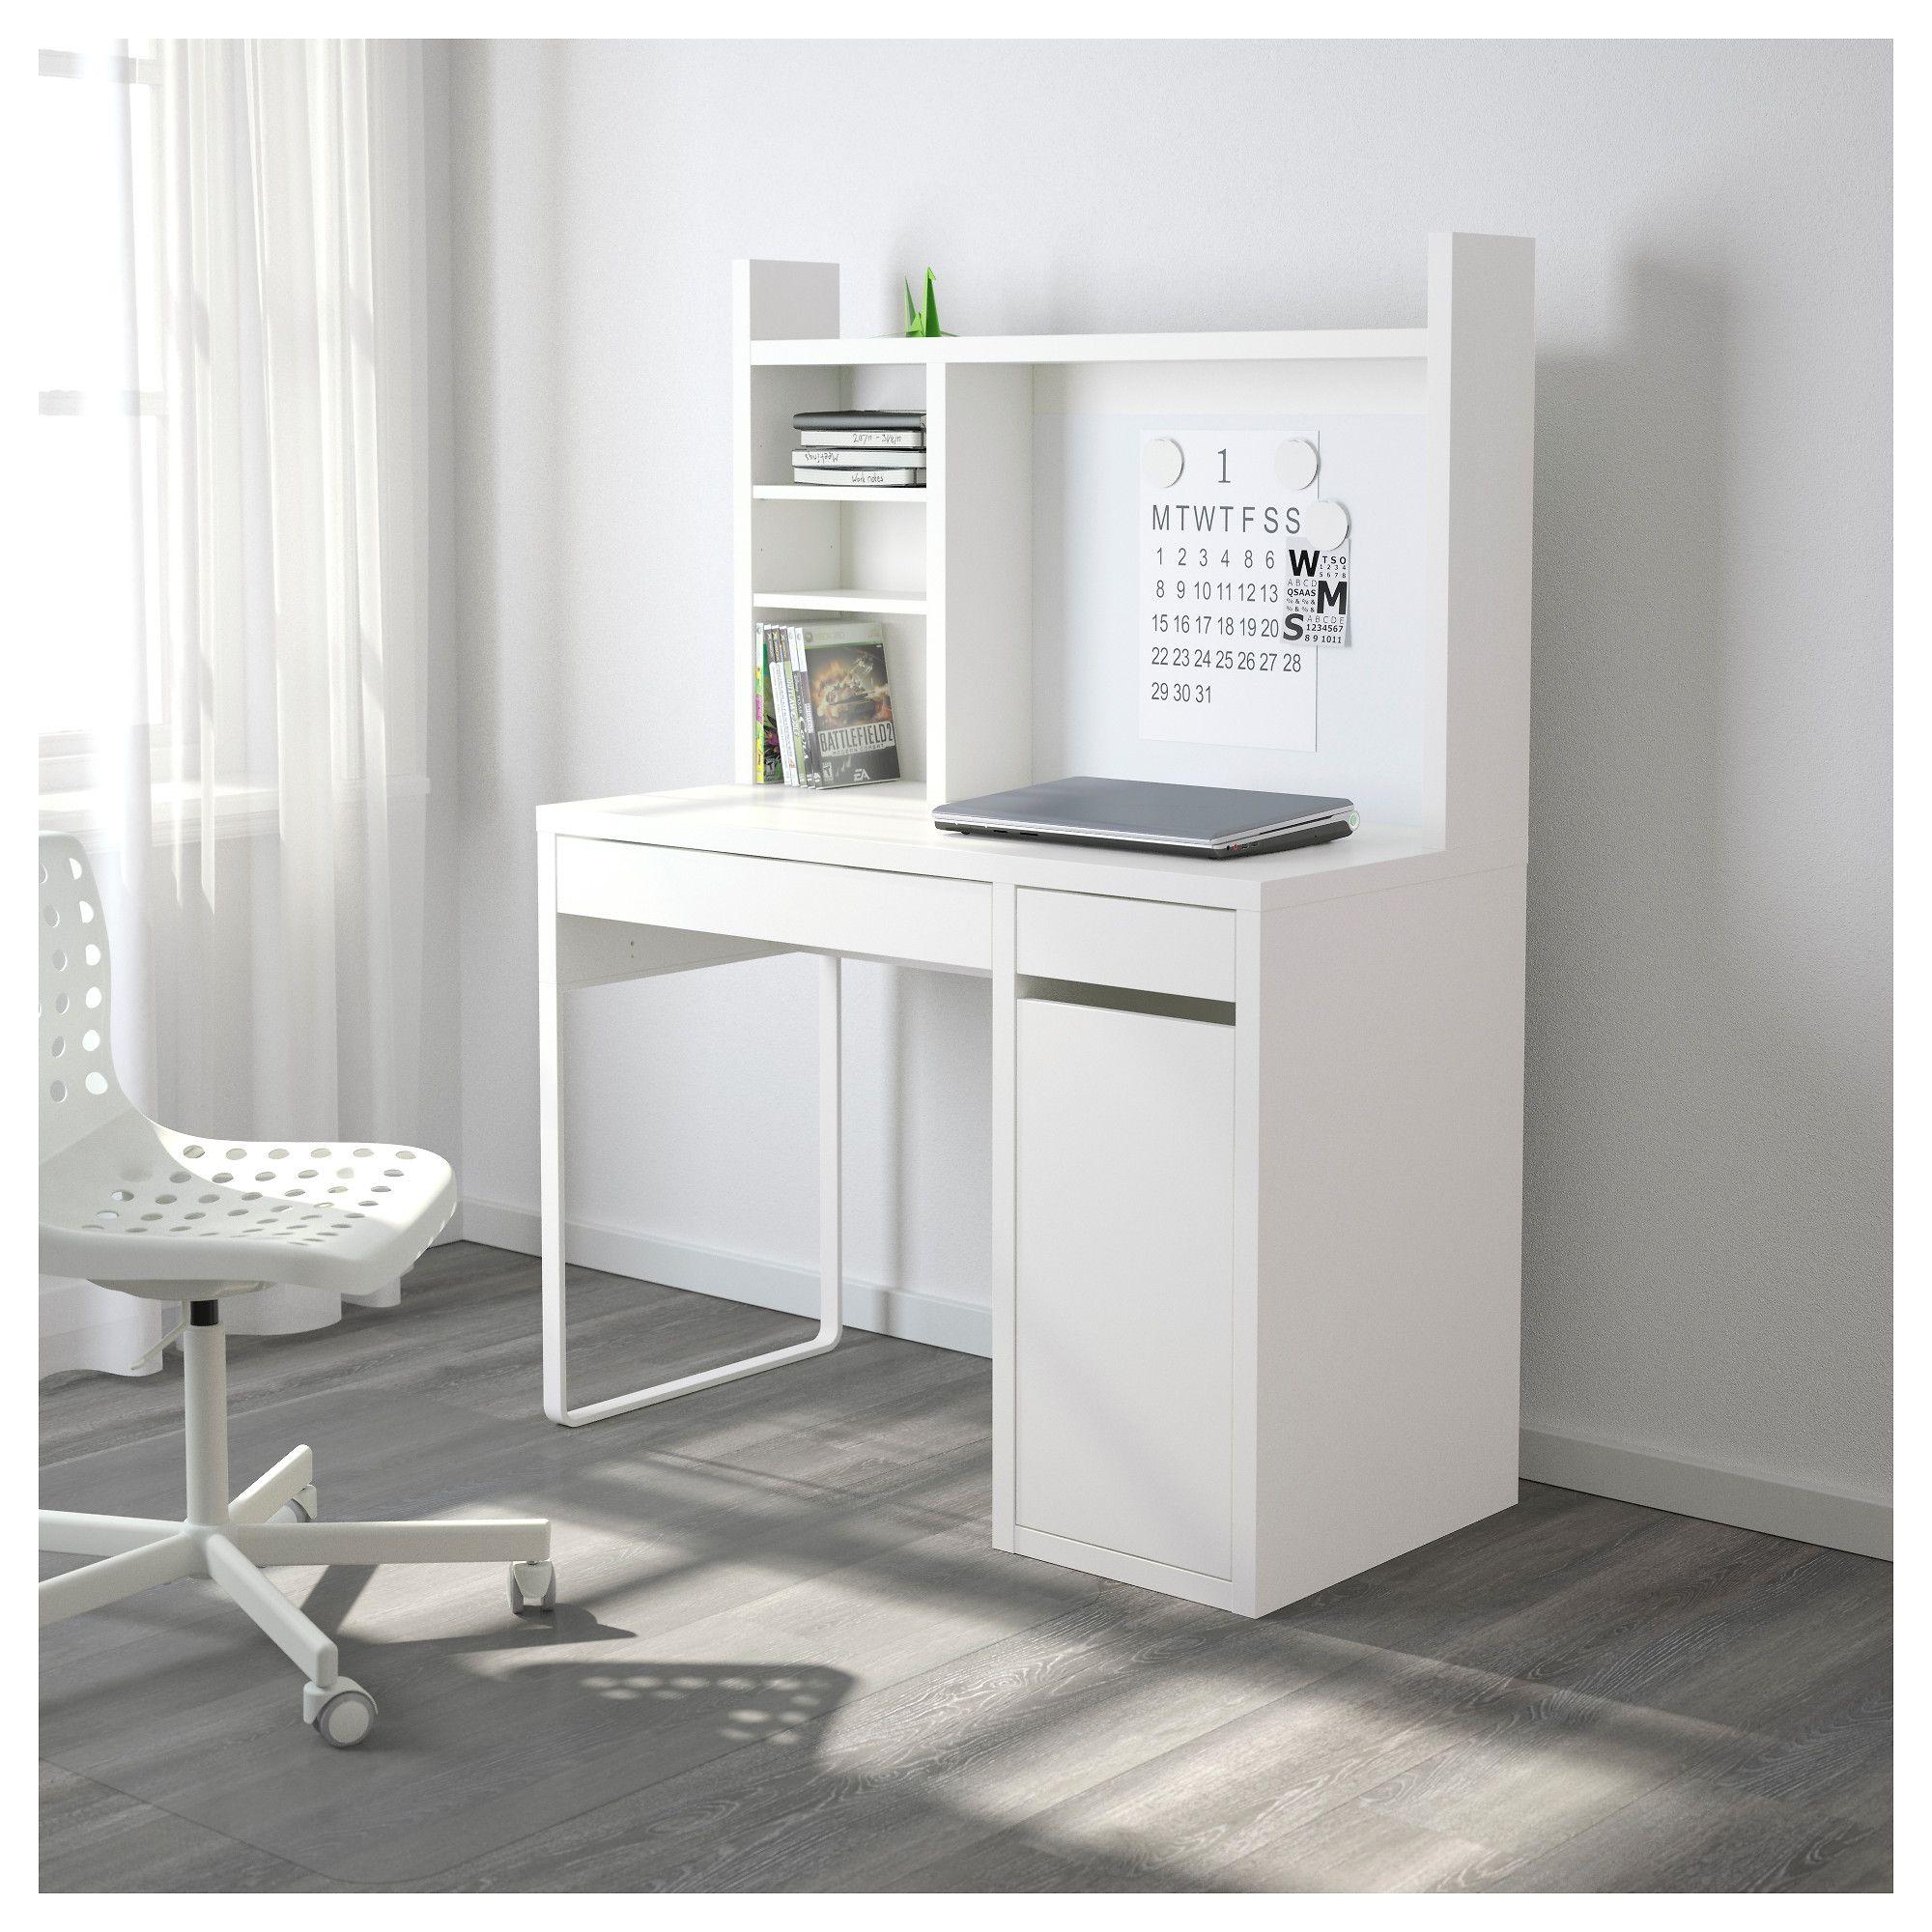 Monarquía ir de compras usuario  MICKE Escritorio - blanco 105x50 cm | Diseño de escritorio, Escritorio micke,  Escritorio ikea